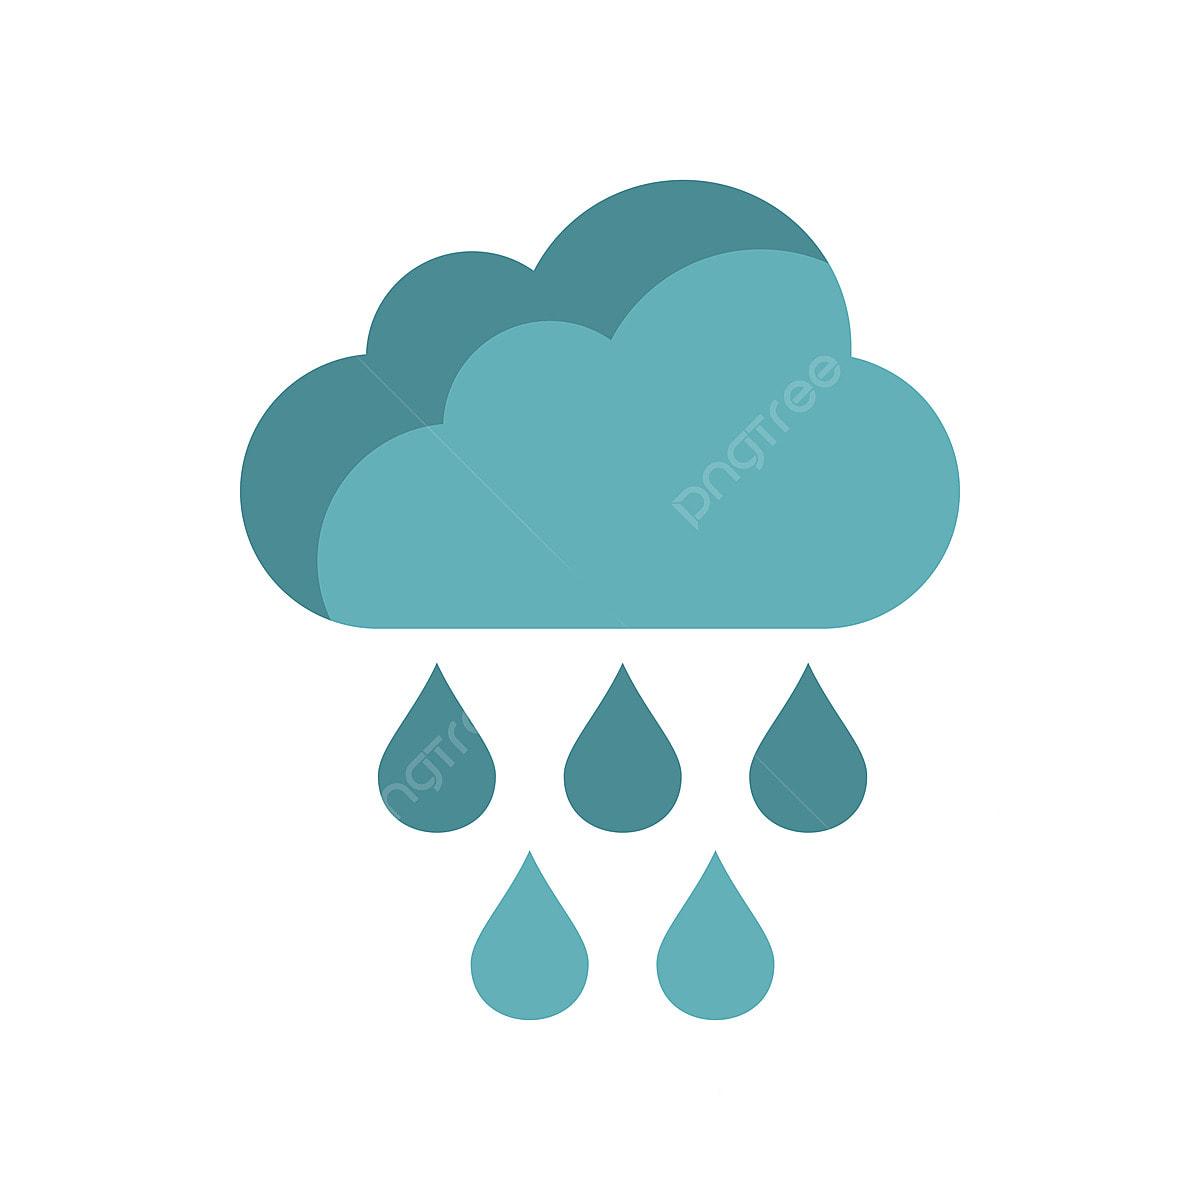 gambar awan dengan hujan jatuh ikon gaya rata awan langit hujan png dan vektor untuk muat turun percuma pngtree